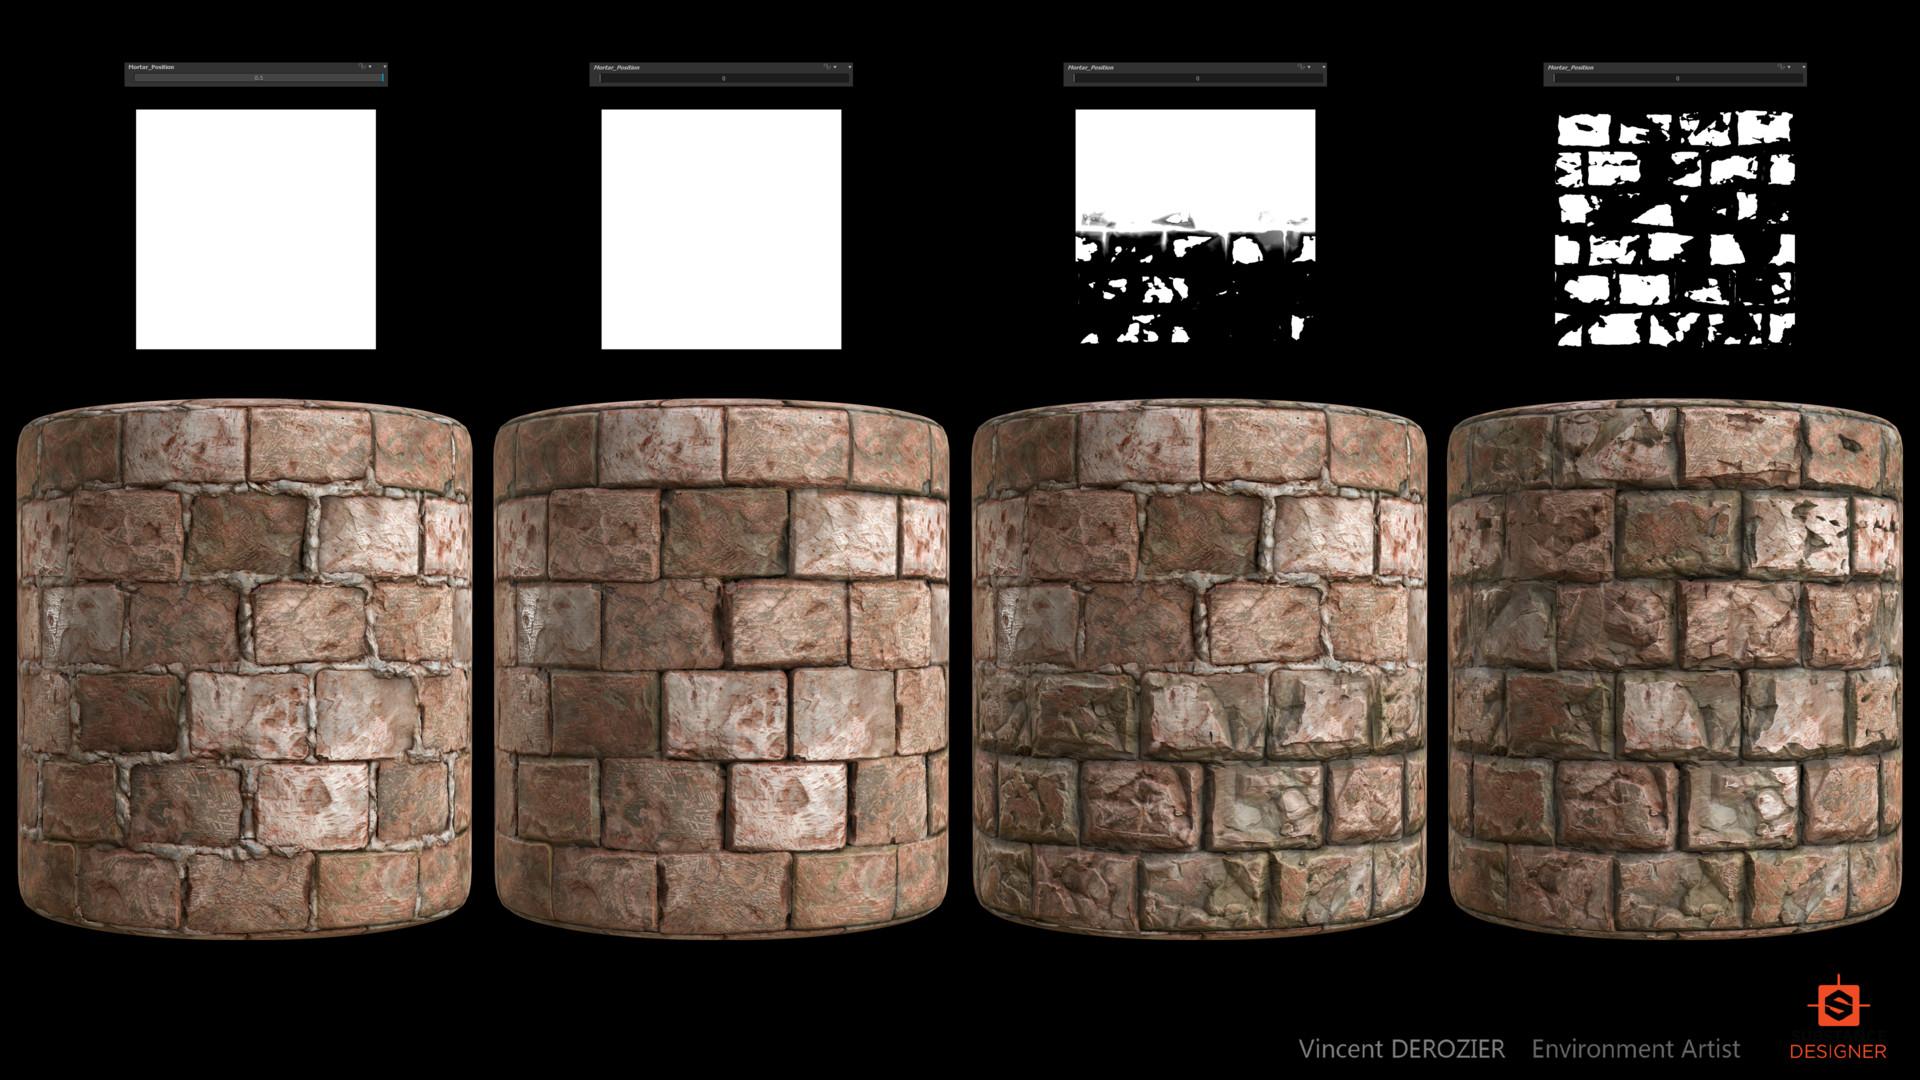 Vincent derozier 11 wallstone 03